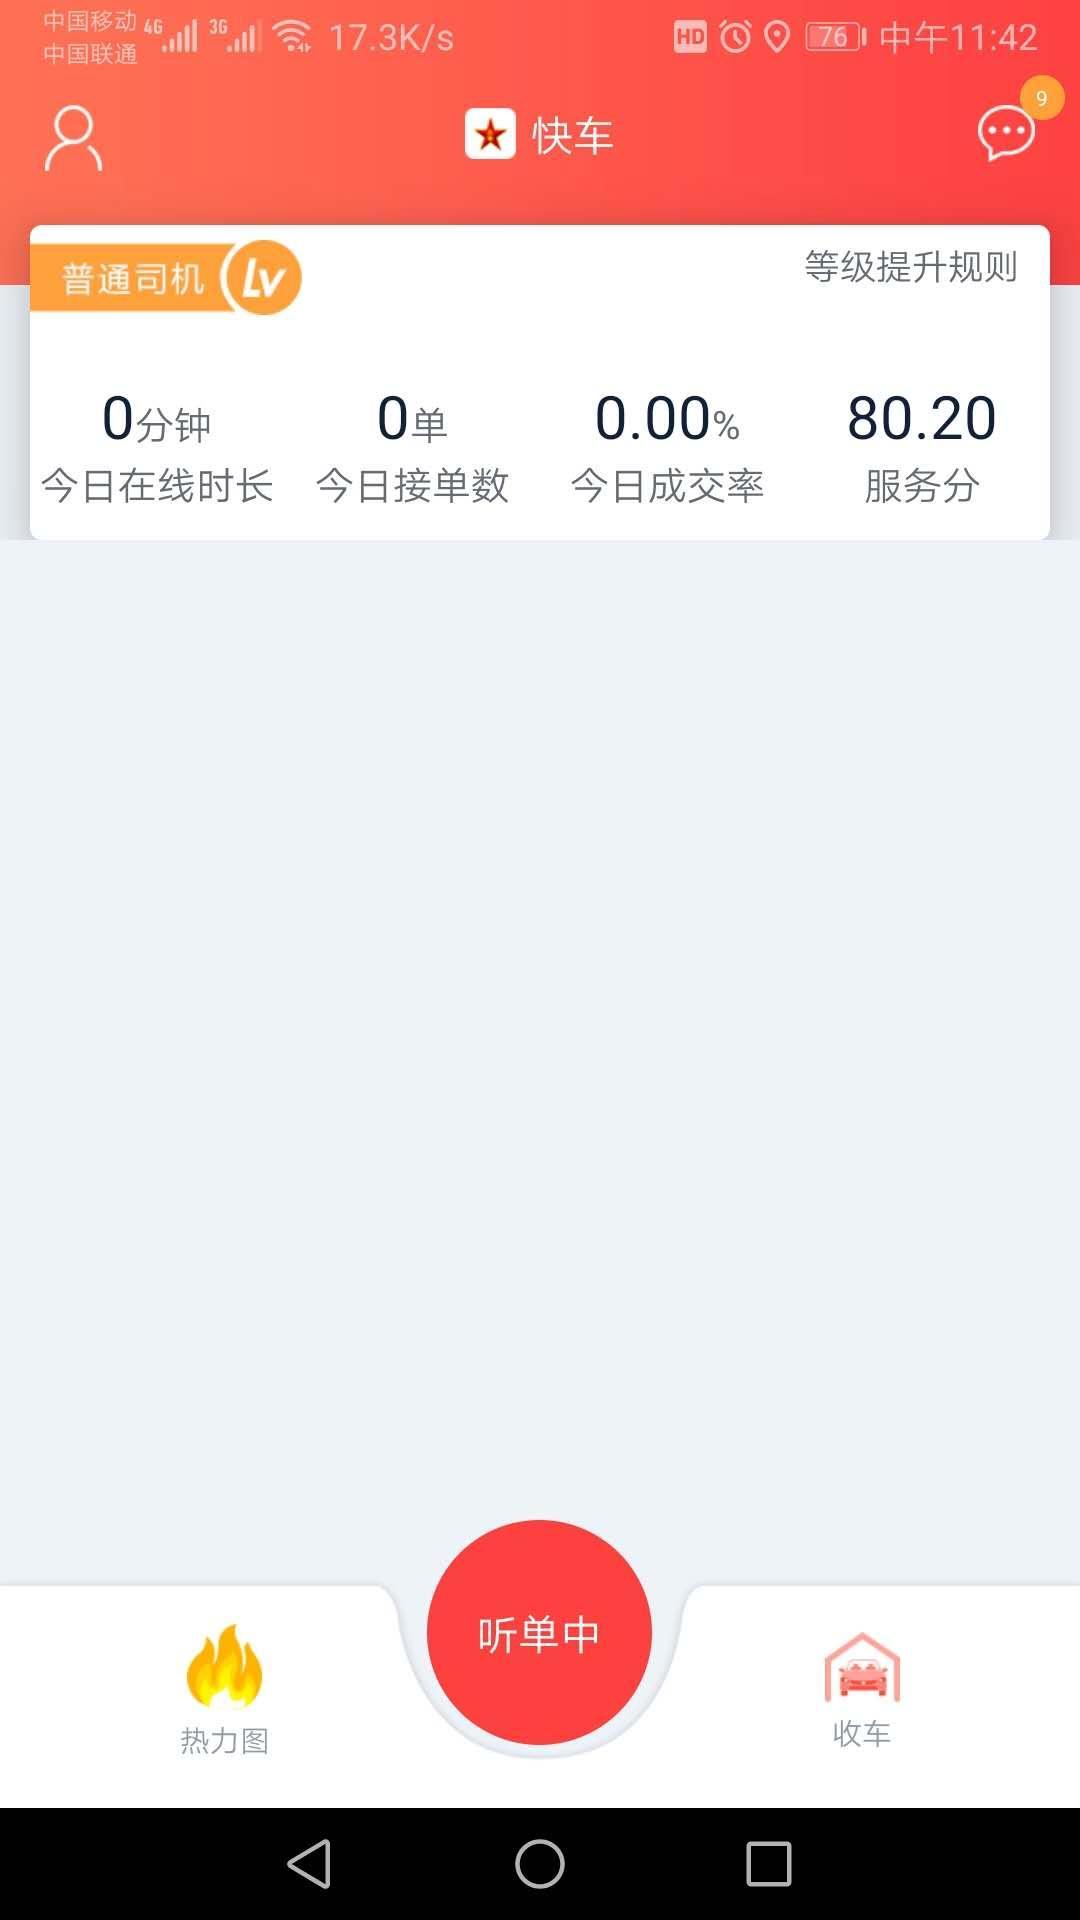 兵哥_图片1